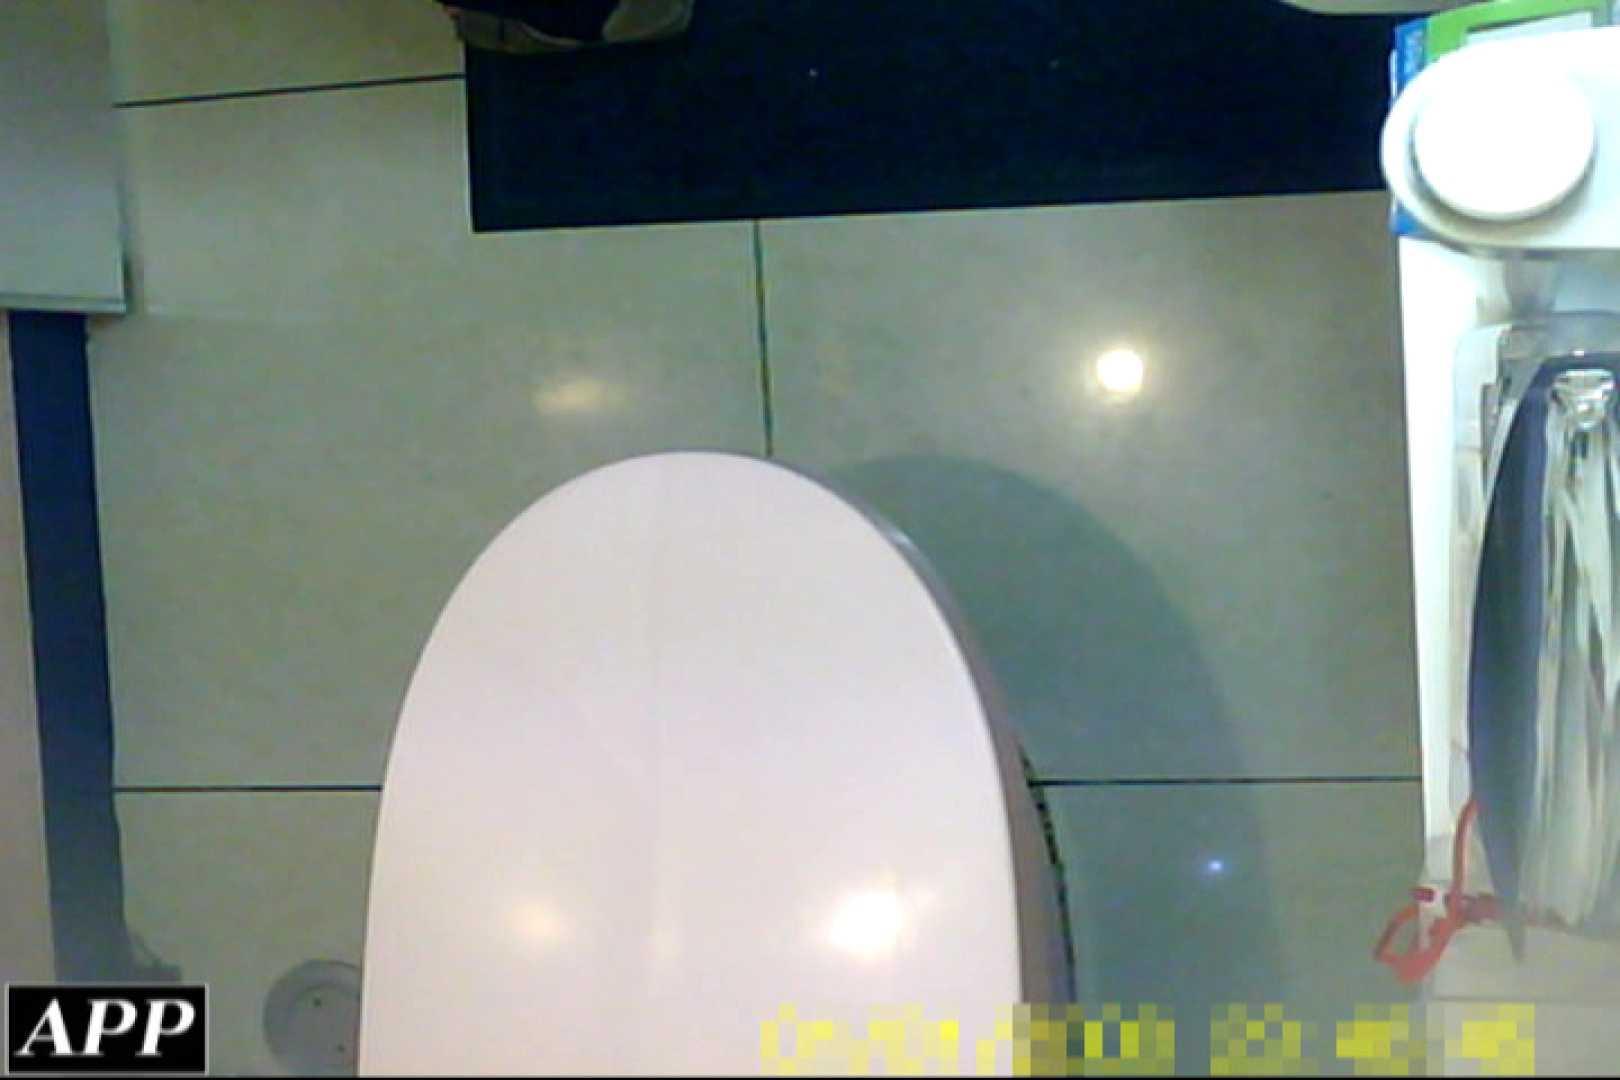 3視点洗面所 vol.142 マンコ・ムレムレ のぞき動画画像 87pic 27